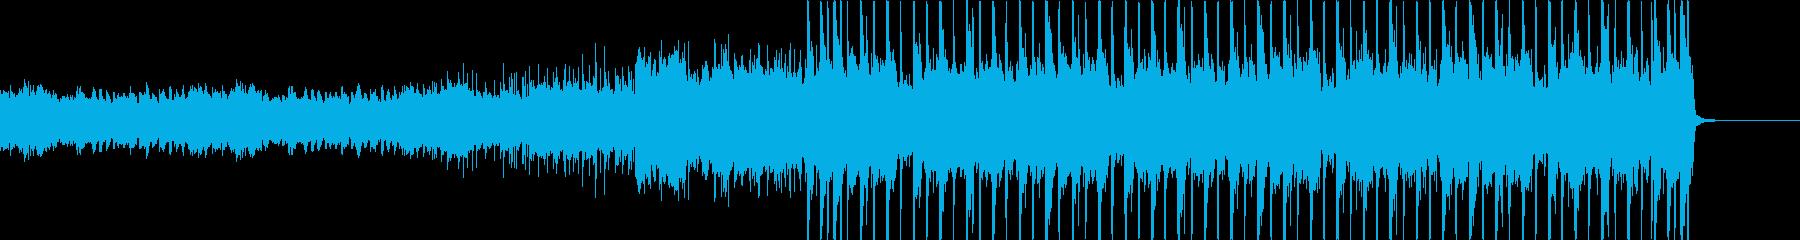 神秘的な場所へ向かうBGMの再生済みの波形